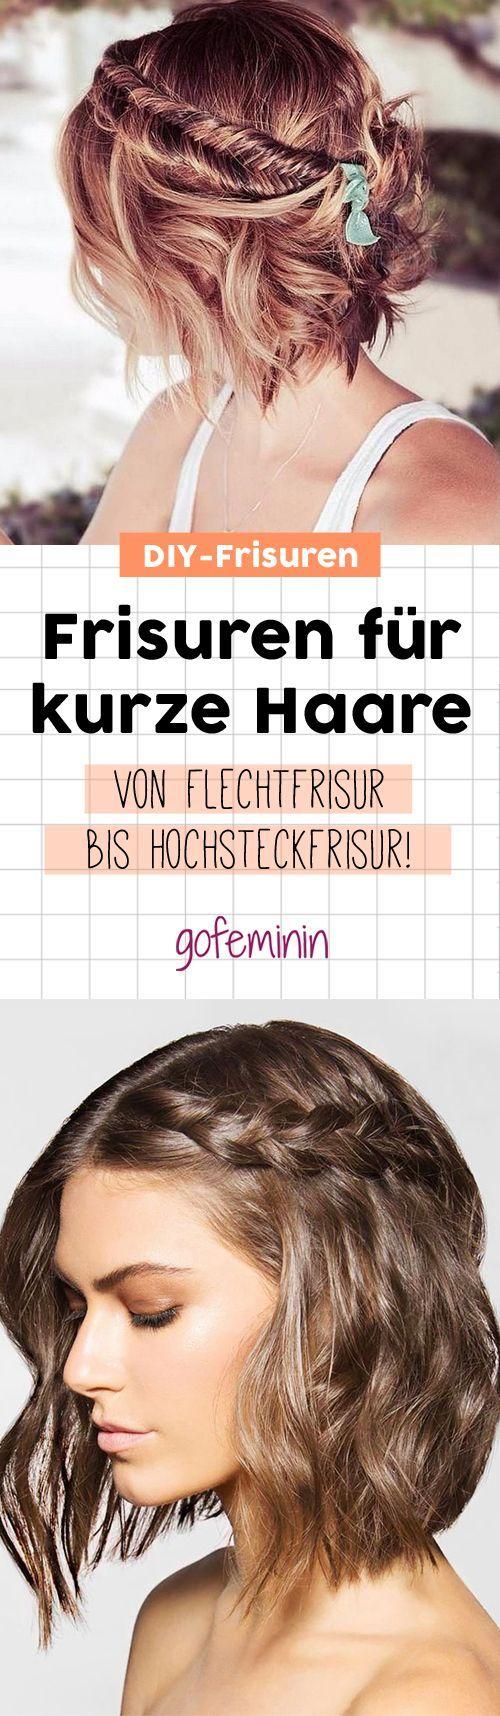 Frisuren für kurze Haare zum Nachstylen: Von Flechtfrisuren über Locken bin hi…  # BEAUTY